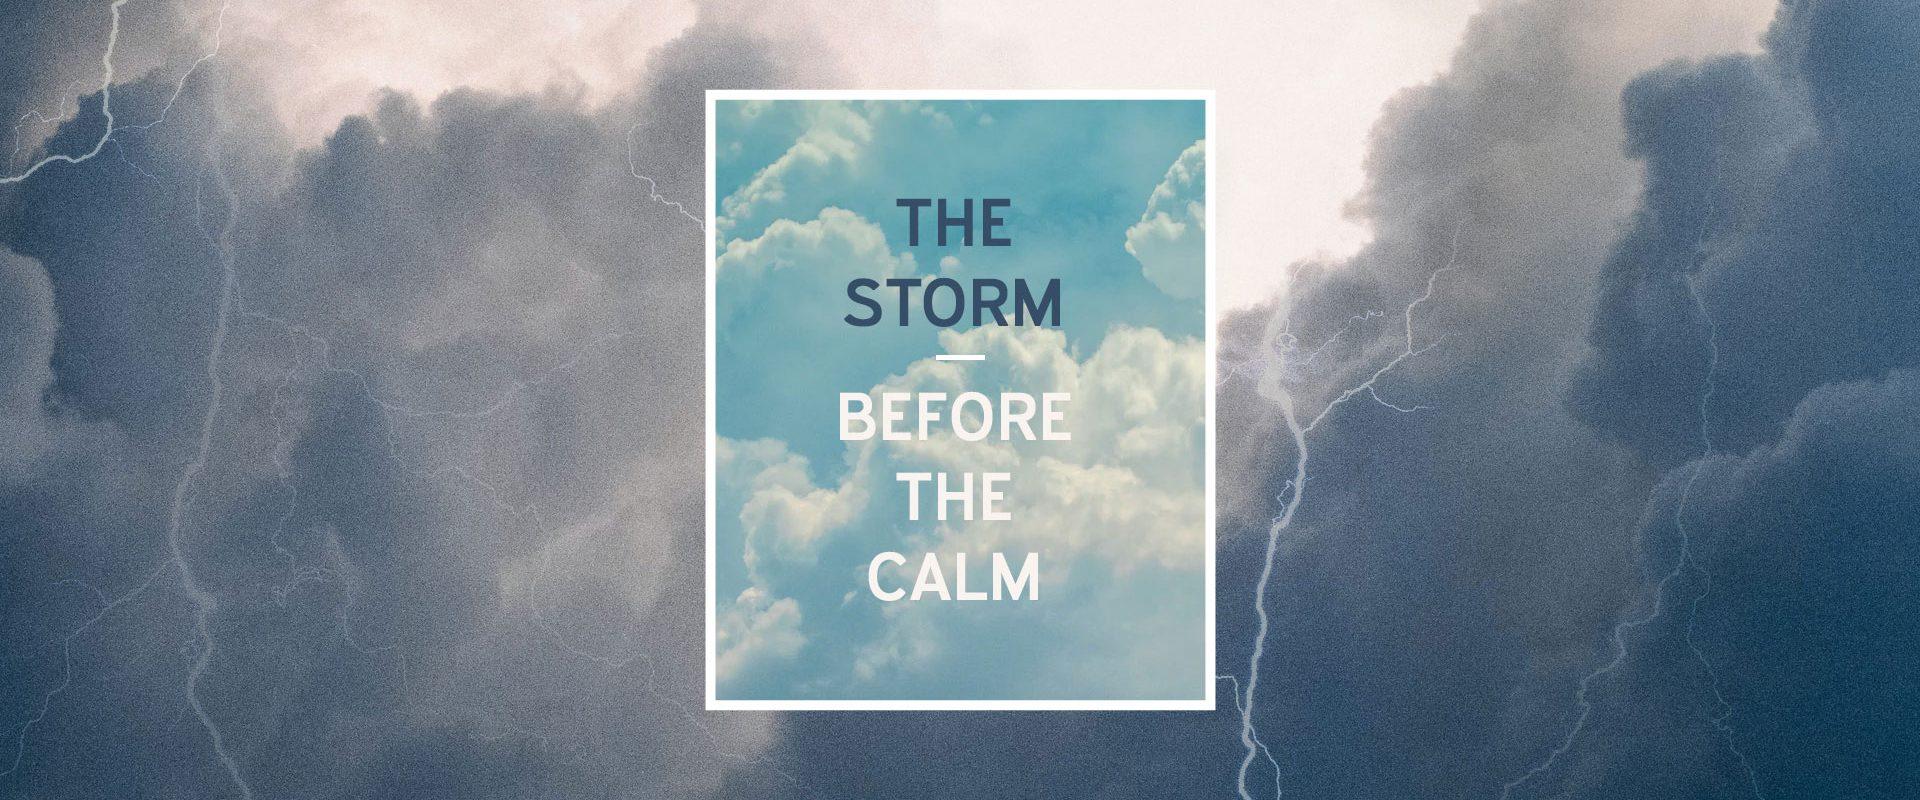 StormBeforeCalm_1920x1080w